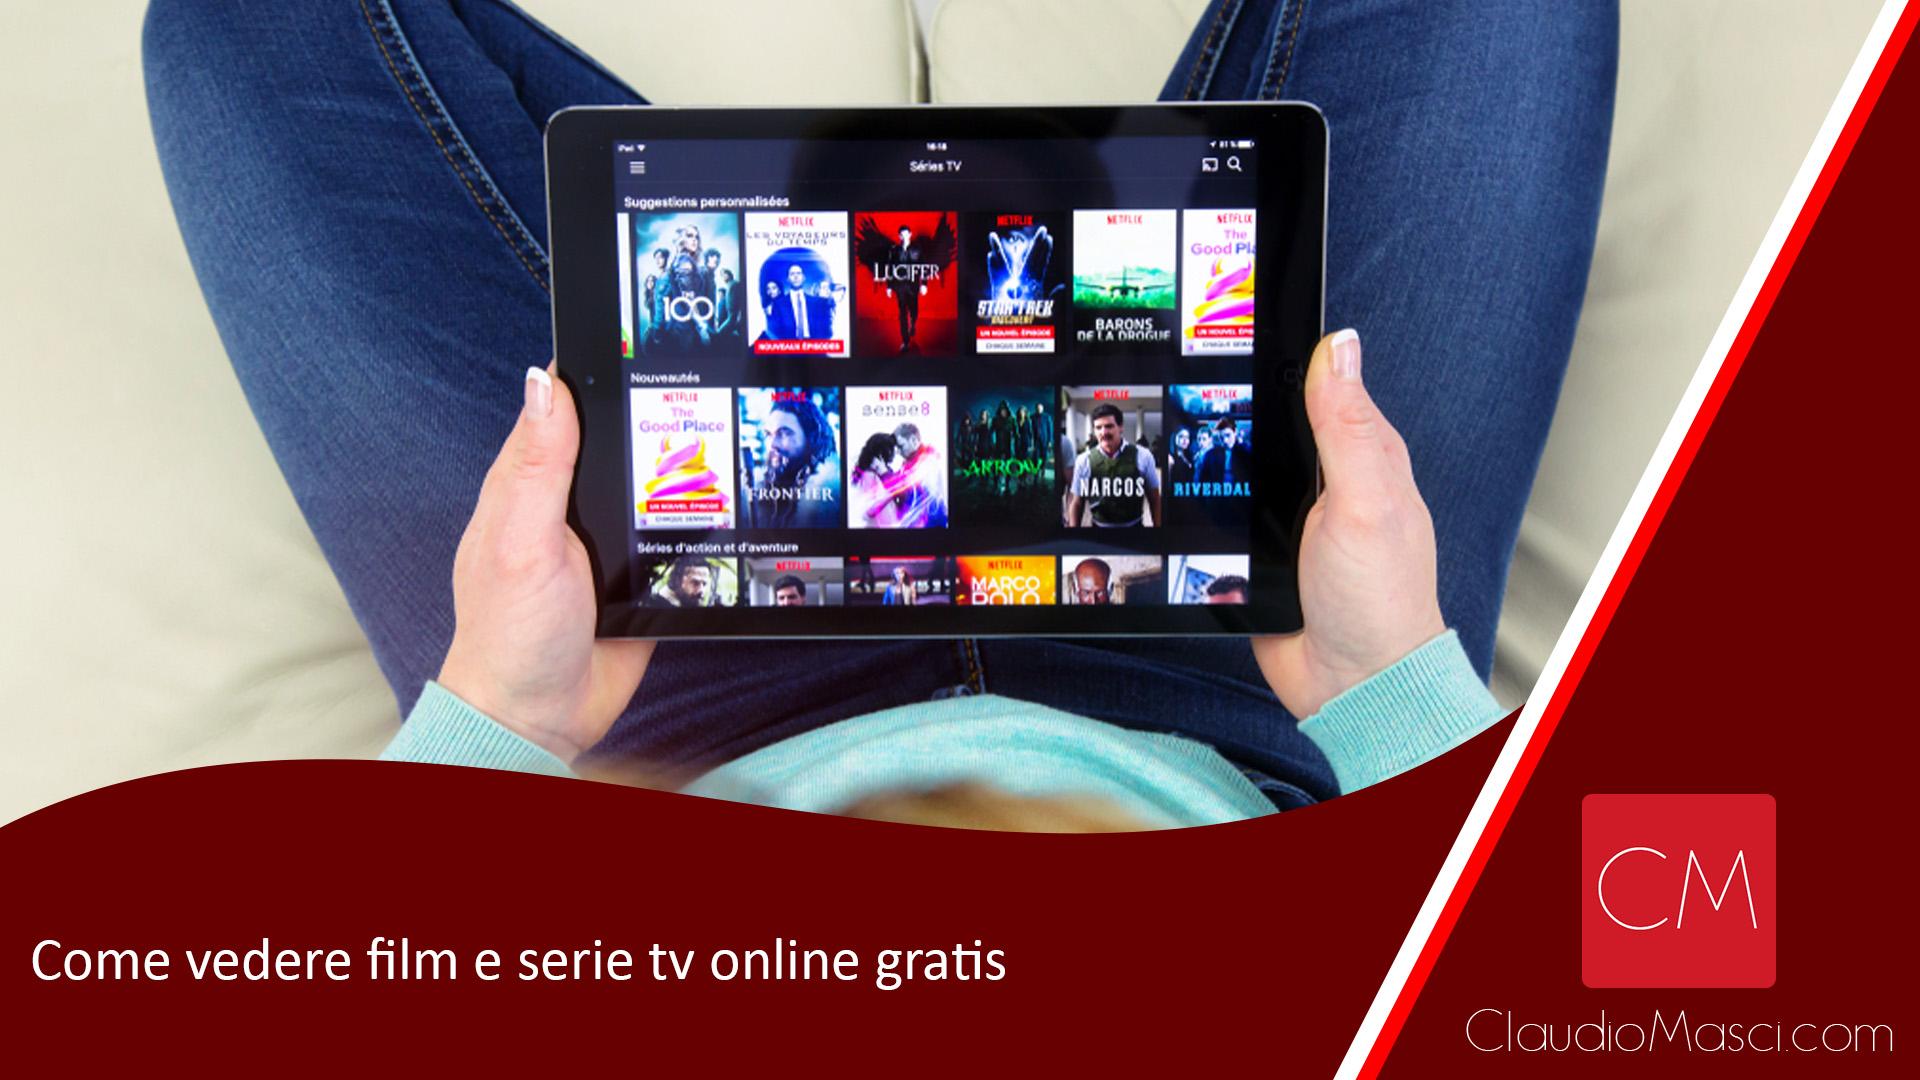 Come vedere film e serie tv online gratis